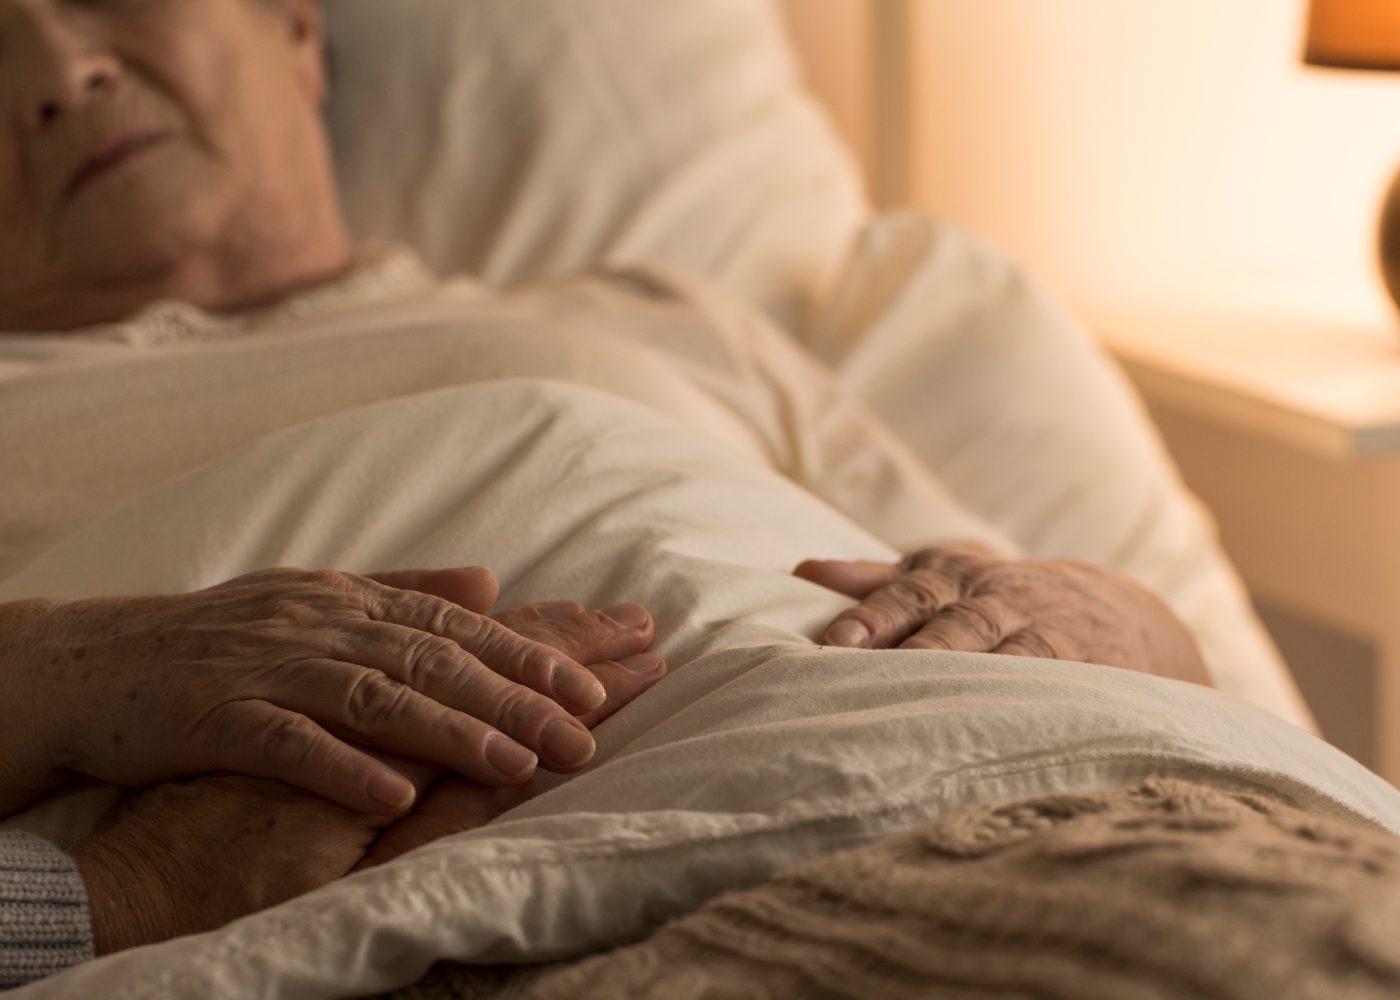 pessoa idosa a morrer em hospital